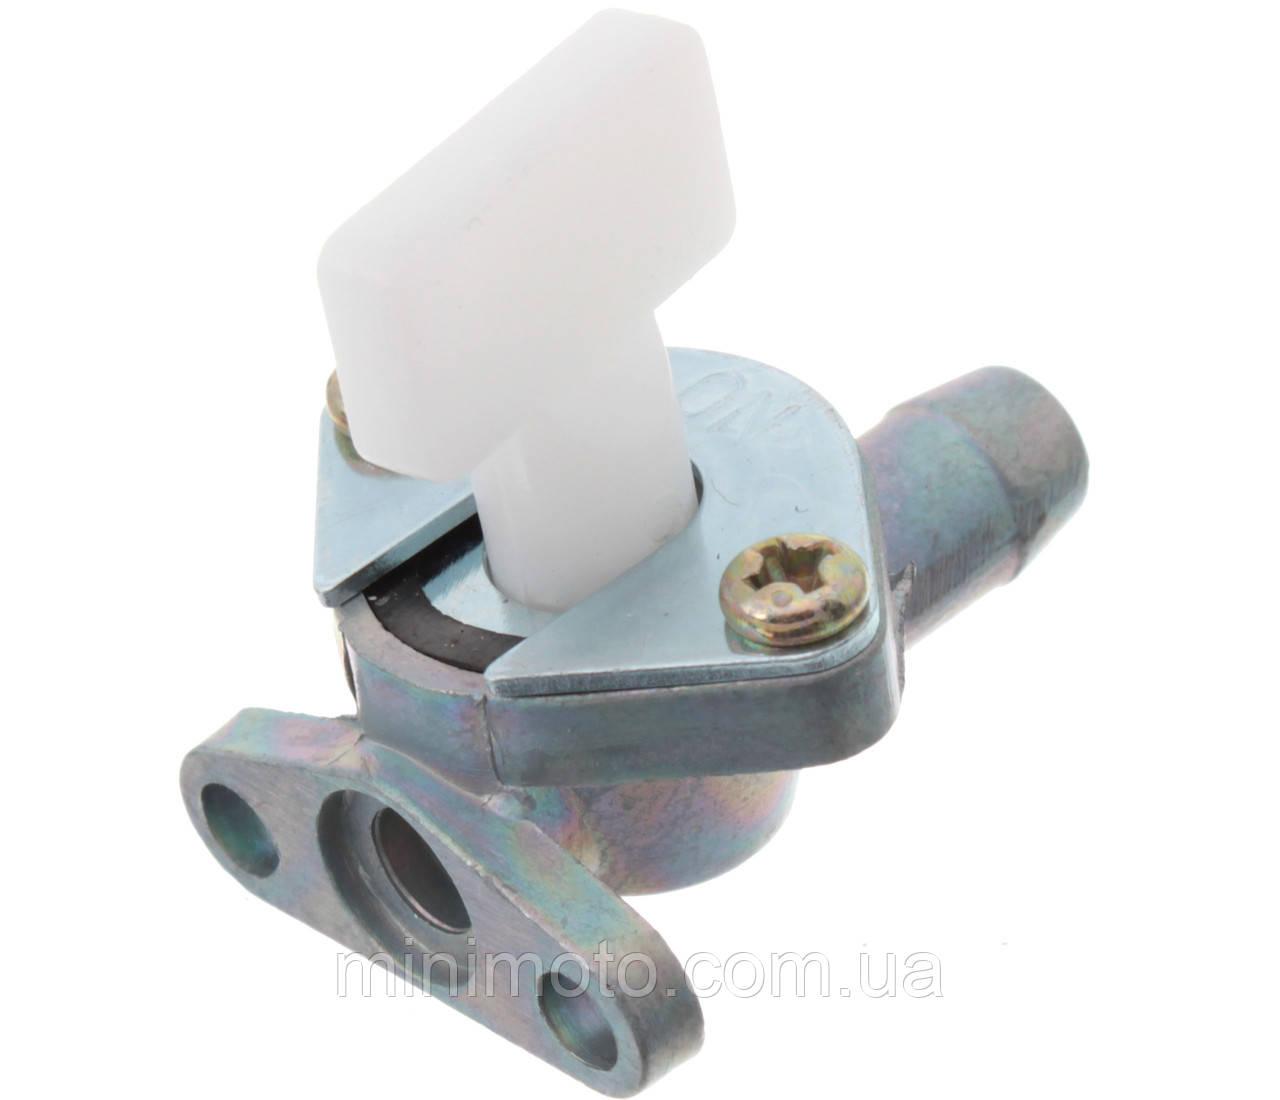 Топливный краник на стандартный карбюратор минимото, мини квадроцикла. minimoto, mini atv